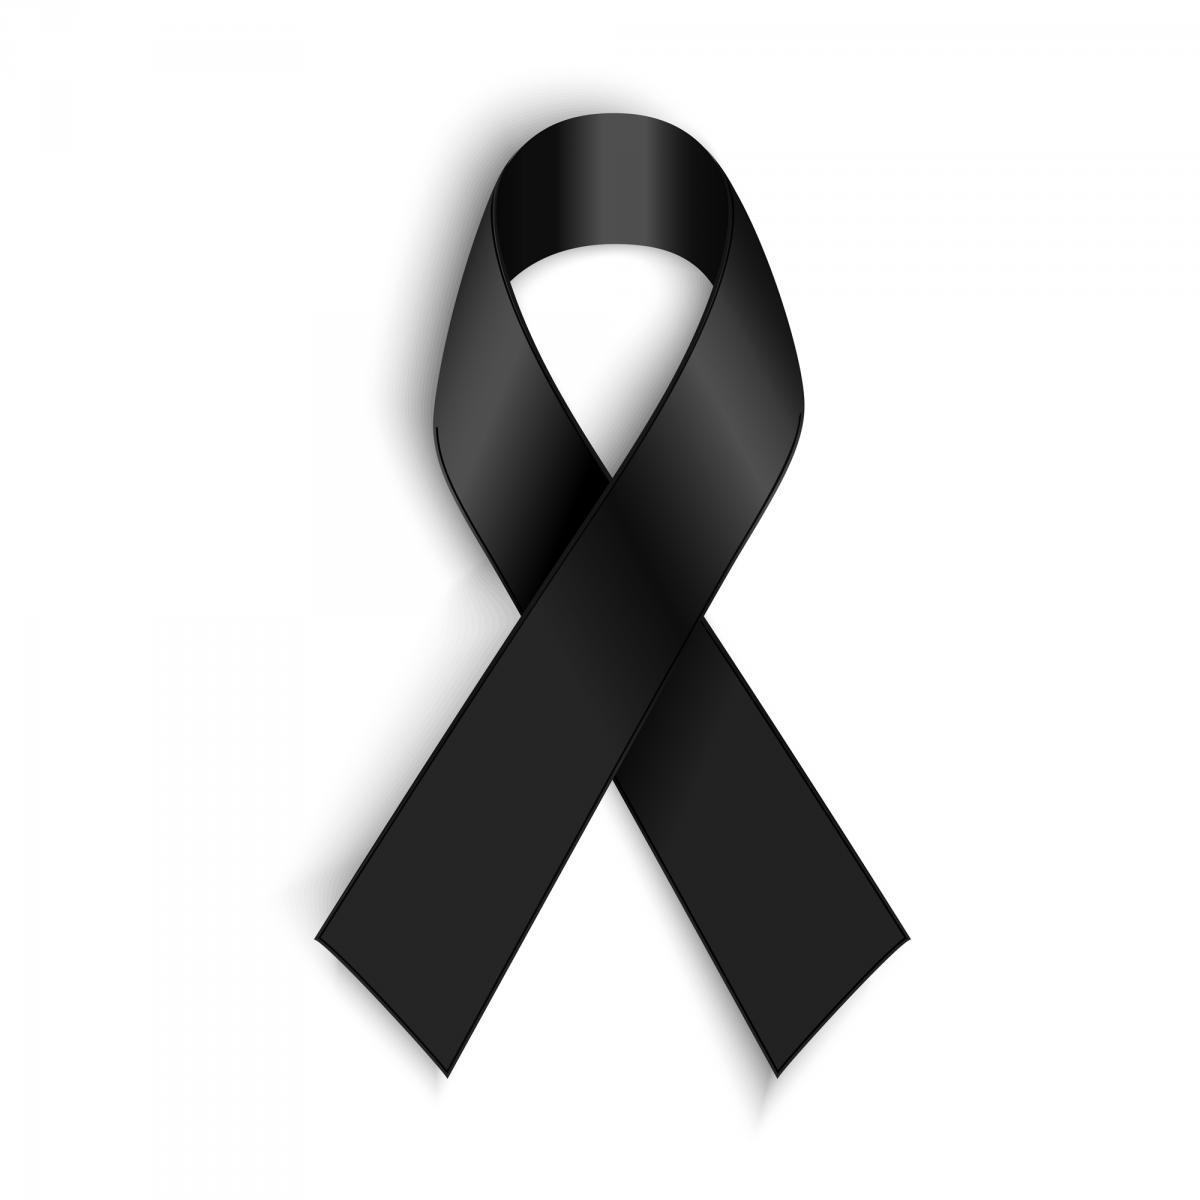 Cosa significa il nastro nero simbolo di lutto? - NotizieSecche: Frasi, aforismi e citazioni